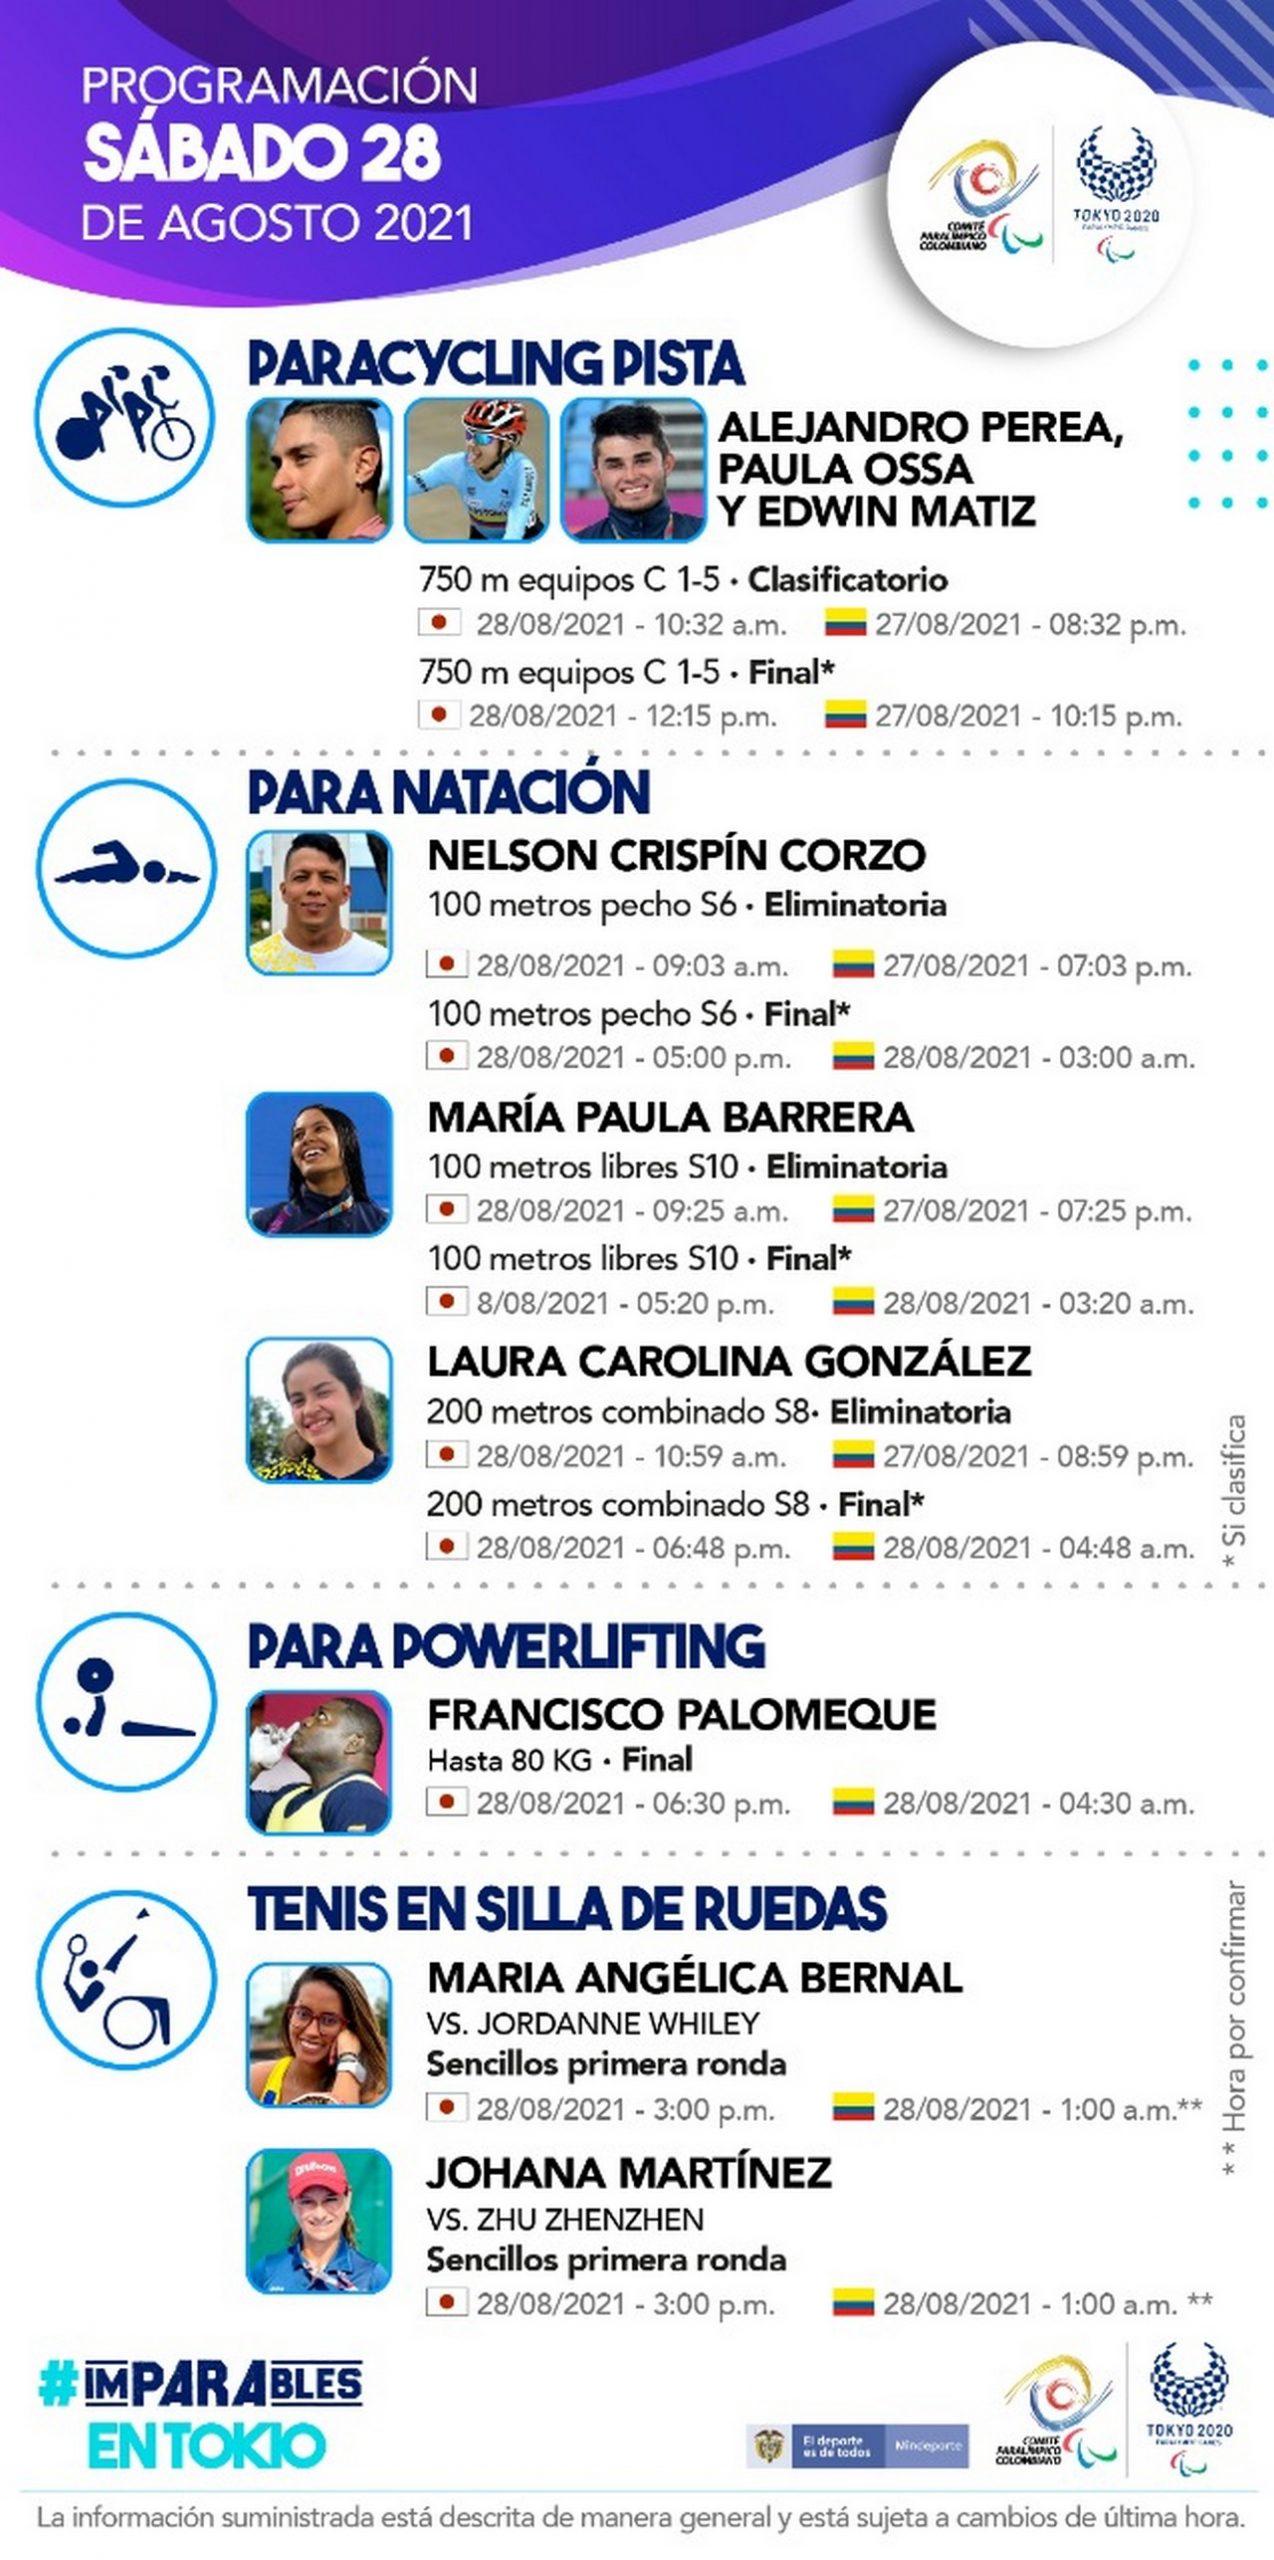 Programacion deportistas colombianos cuarta jornada de Juegos Paralimpicos 2 scaled